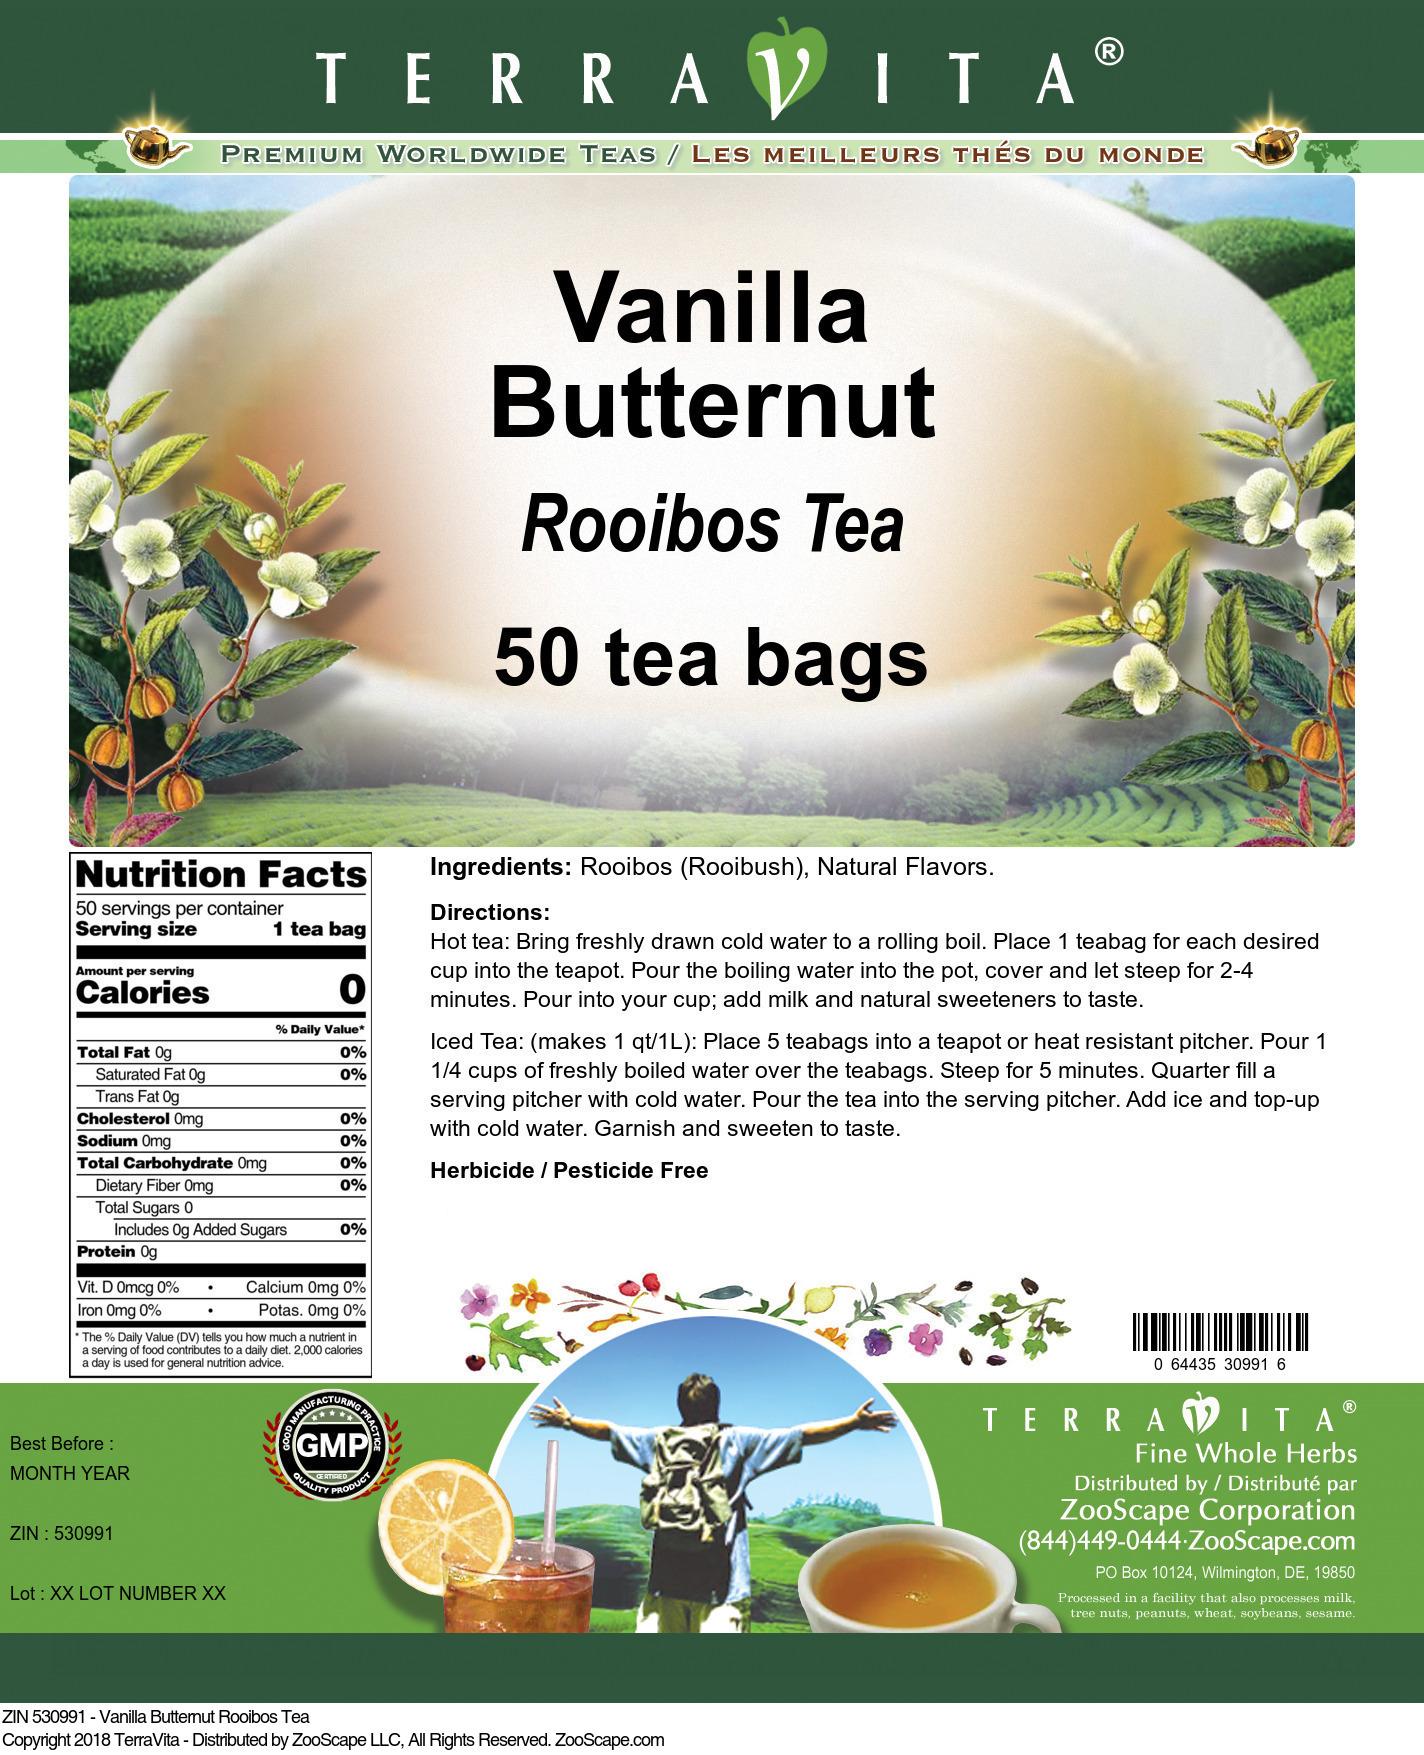 Vanilla Butternut Rooibos Tea